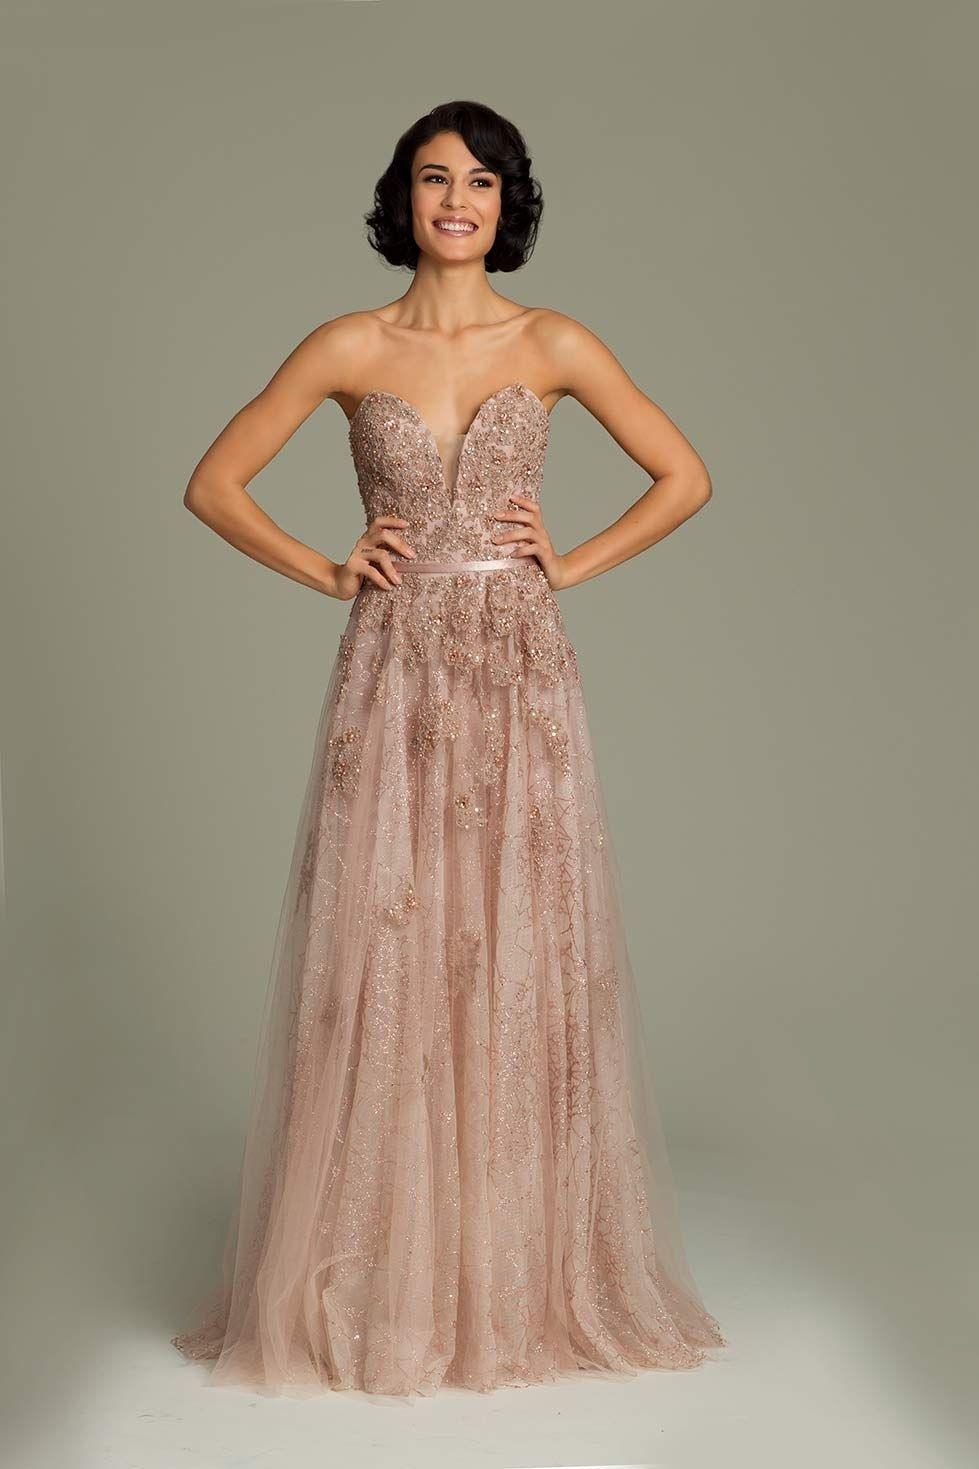 20 Perfekt Suche Abendkleid Für Hochzeit Bester Preis Top Suche Abendkleid Für Hochzeit Galerie